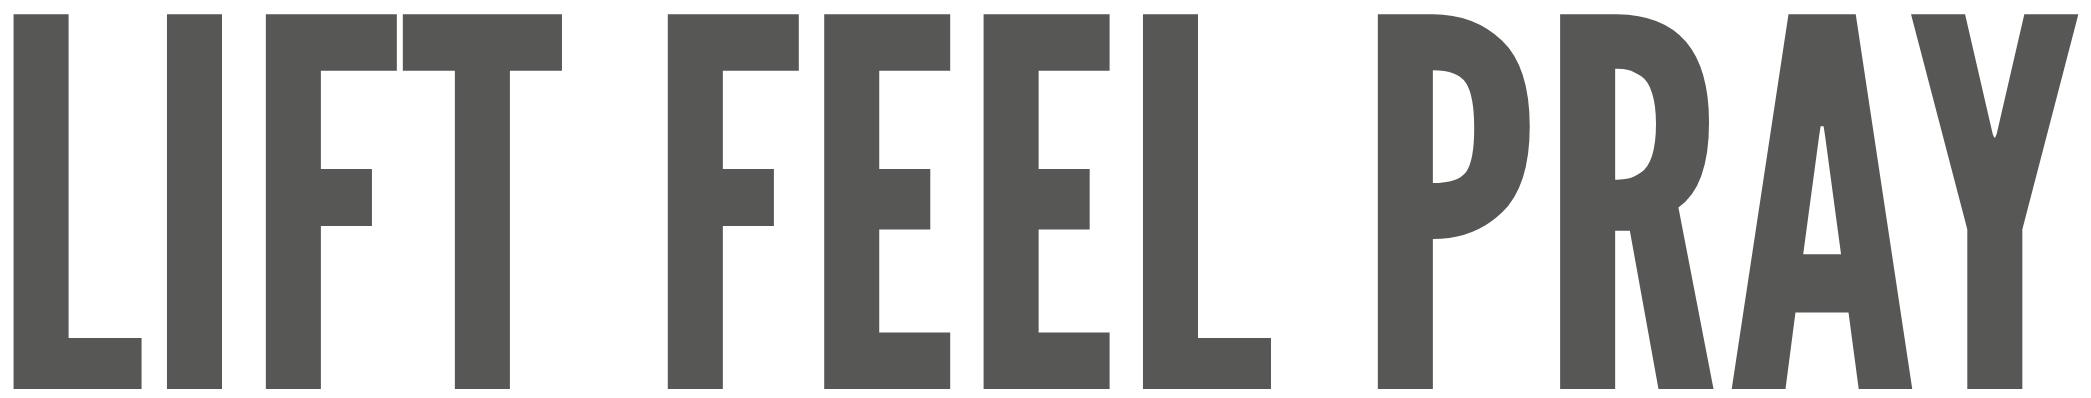 Logo for Lift Feel Pray